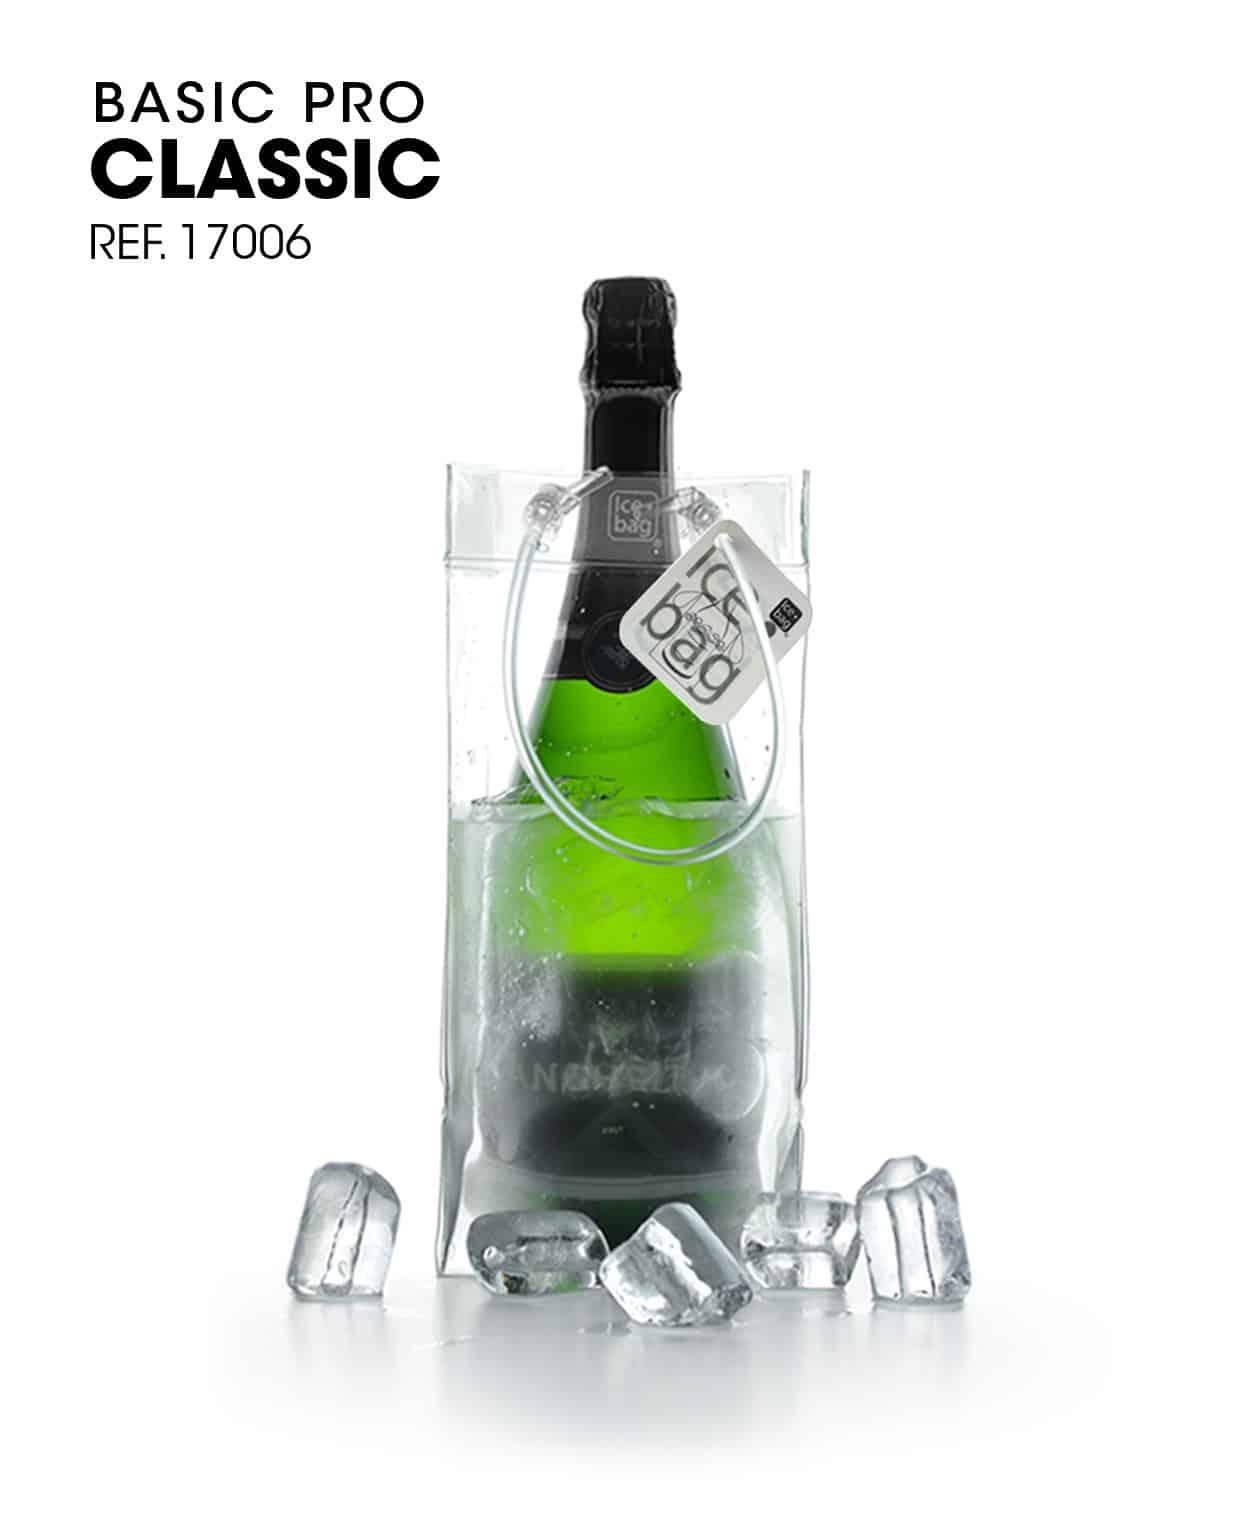 Sac à glaçon Basic Pro Classic